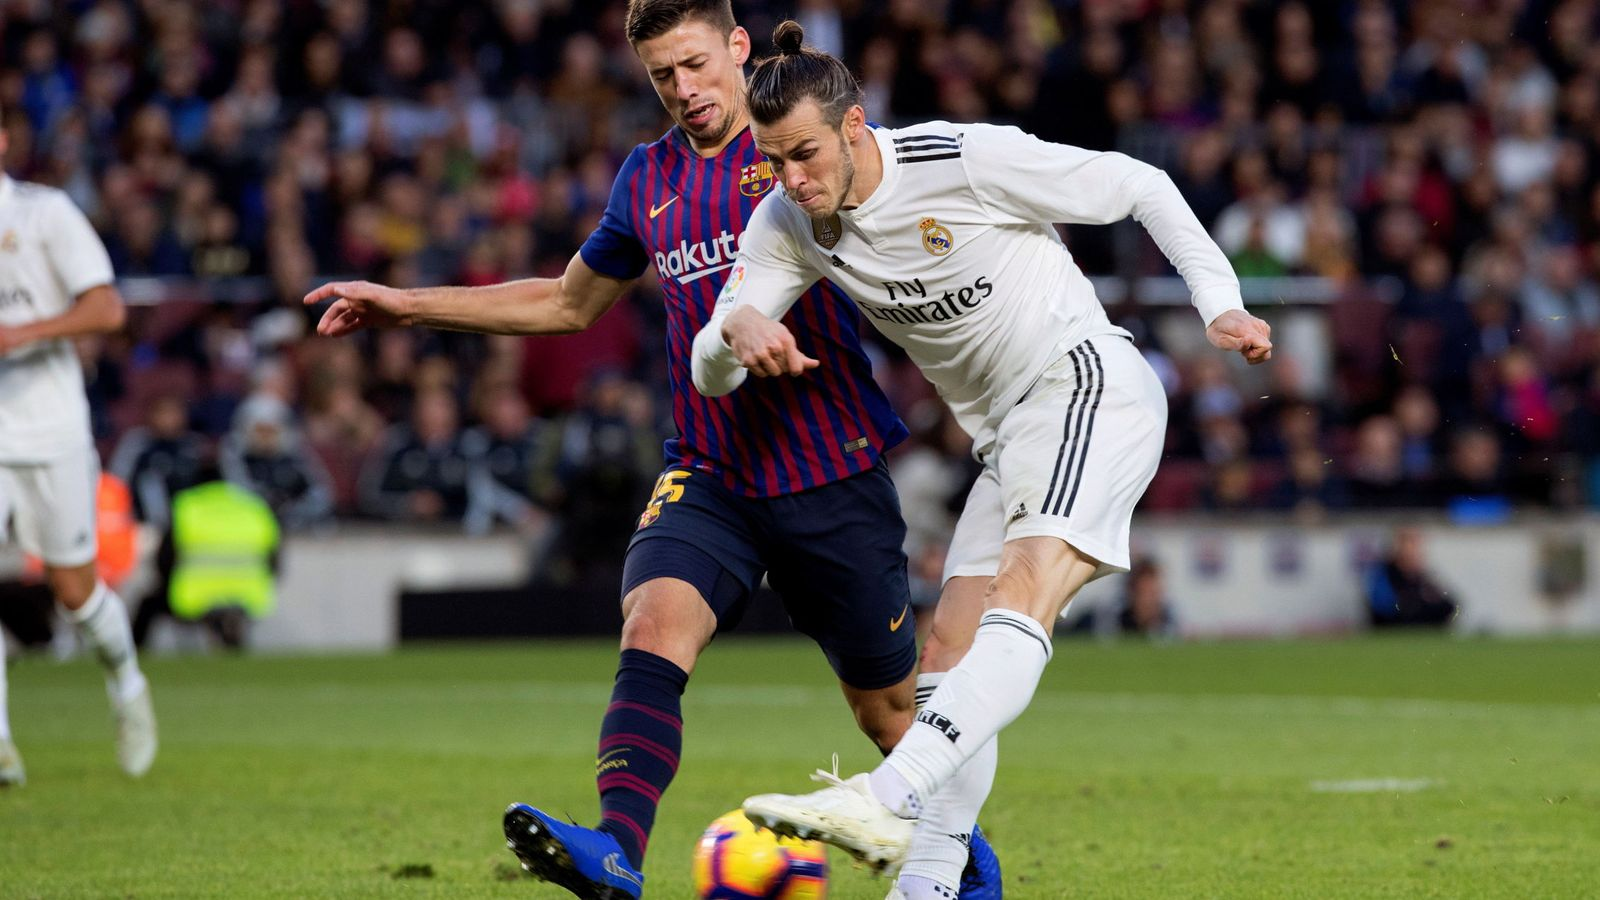 Foto: FC Barcelona y Real Madrid siguen ingresando más que nadie por derechos de televisión. (EFE)